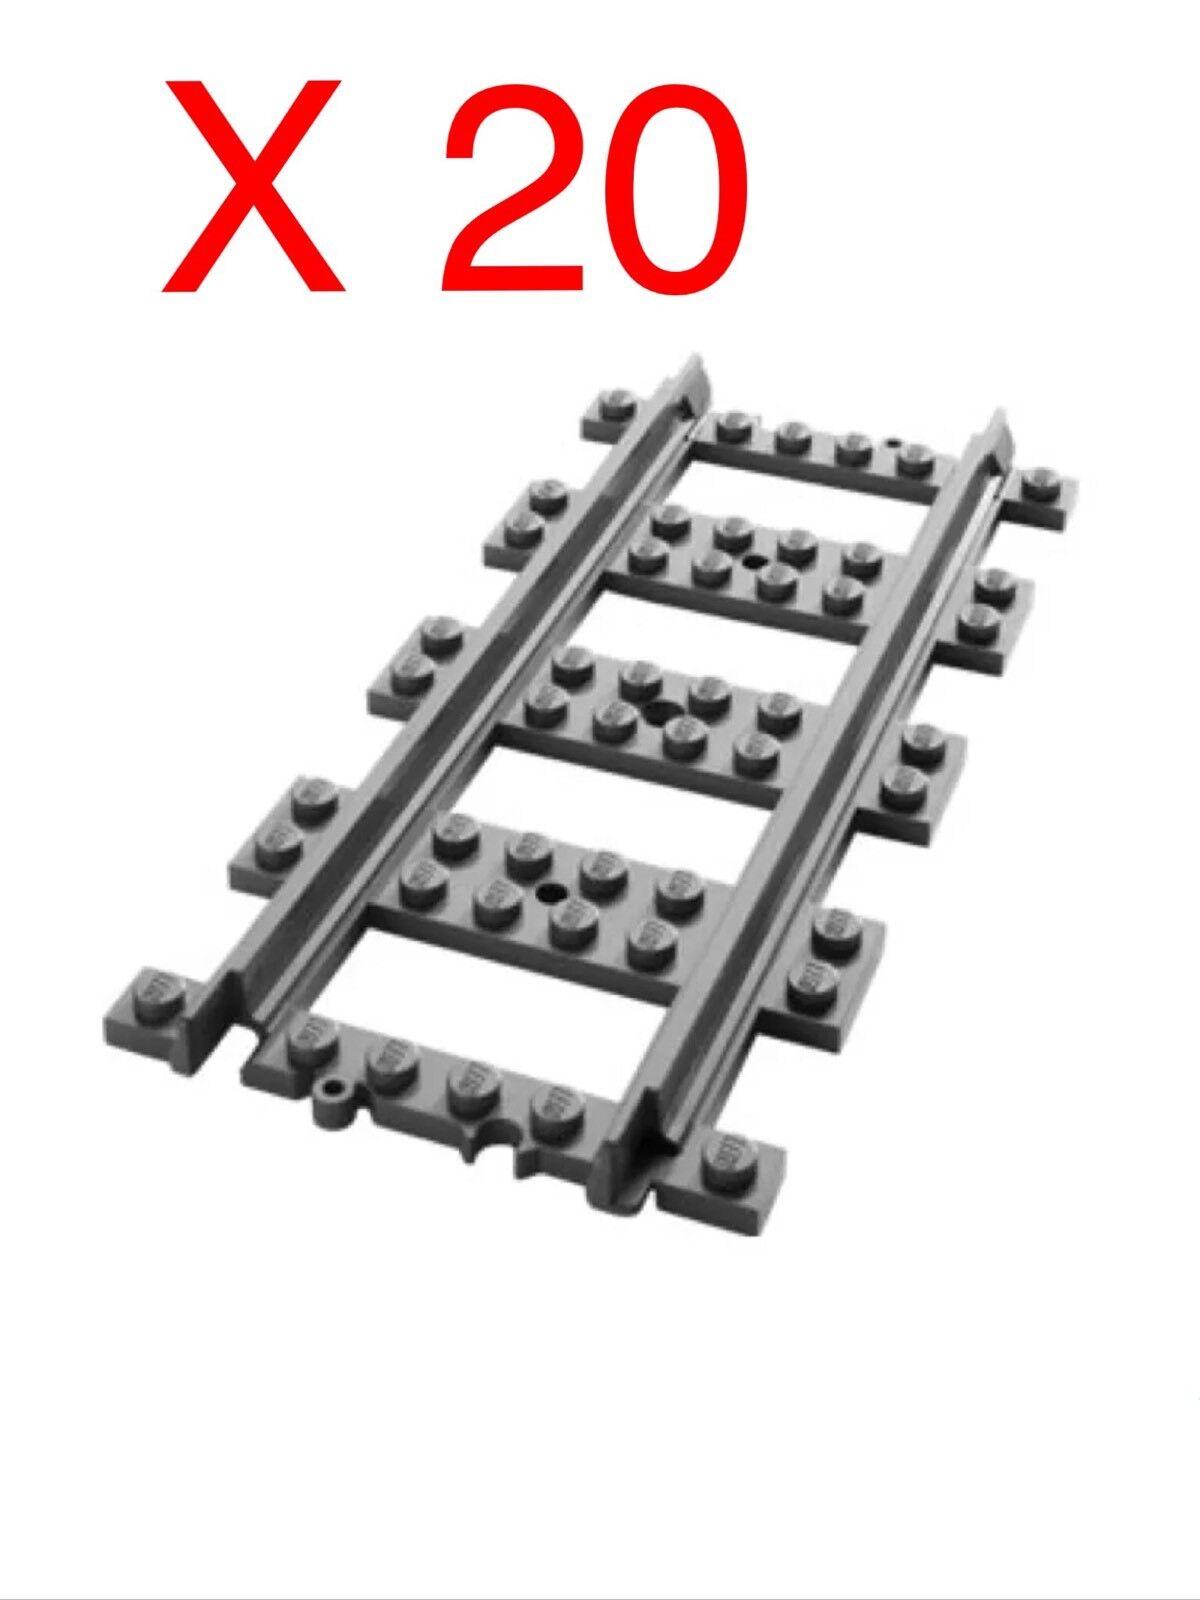 20 X LEGO CITY RC Binario Rettilineo, Nuovo suddivisi DA VARI SET. un must have.